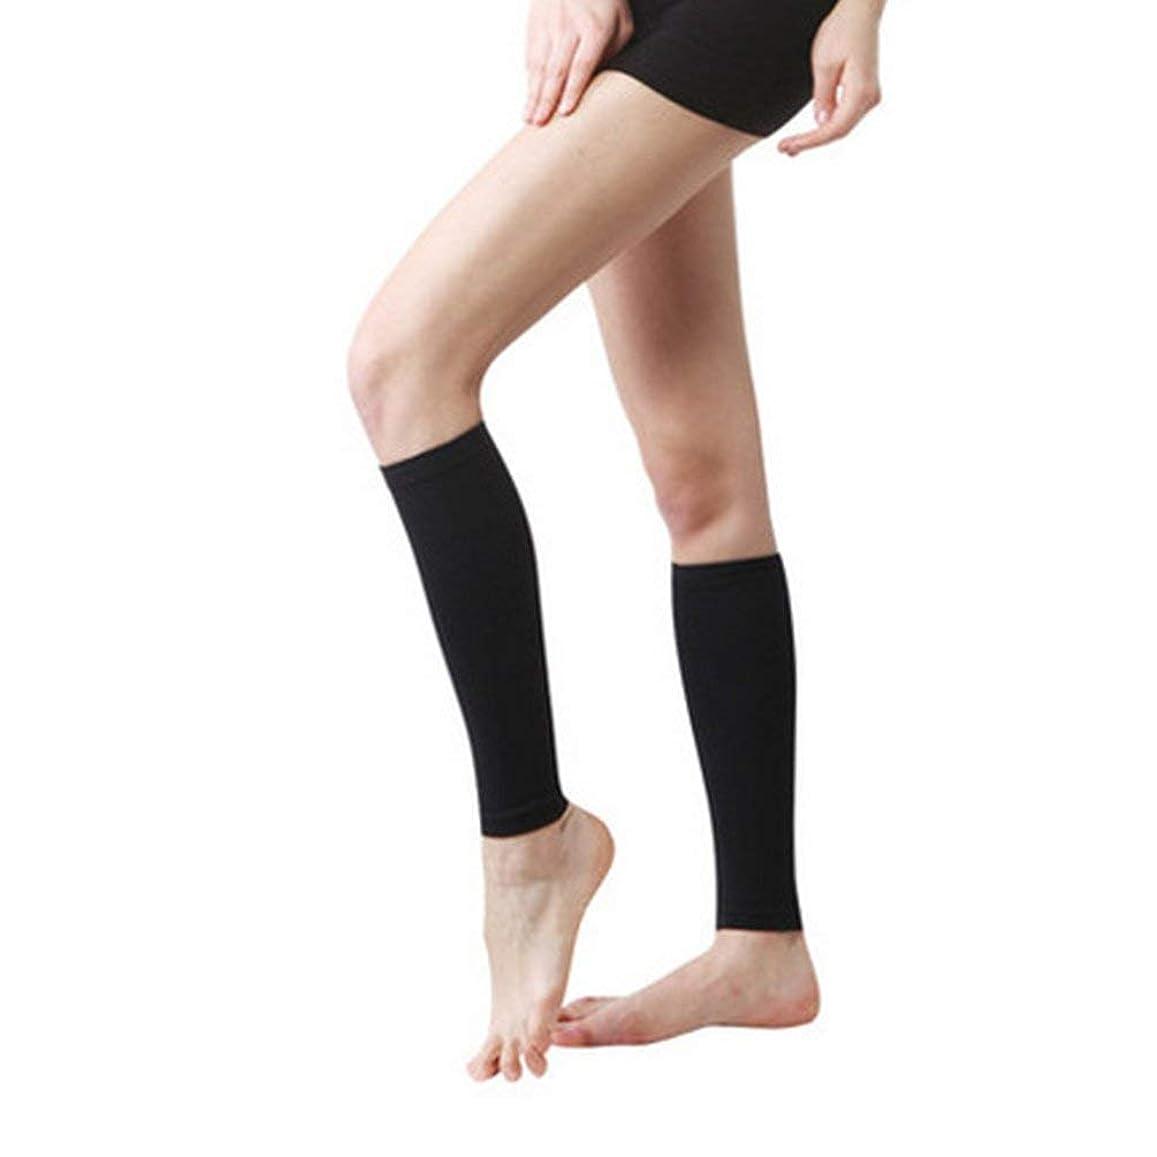 セッティング人類インカ帝国丈夫な男性女性プロの圧縮靴下通気性のある旅行活動看護師用シンススプリントフライトトラベル - ブラック